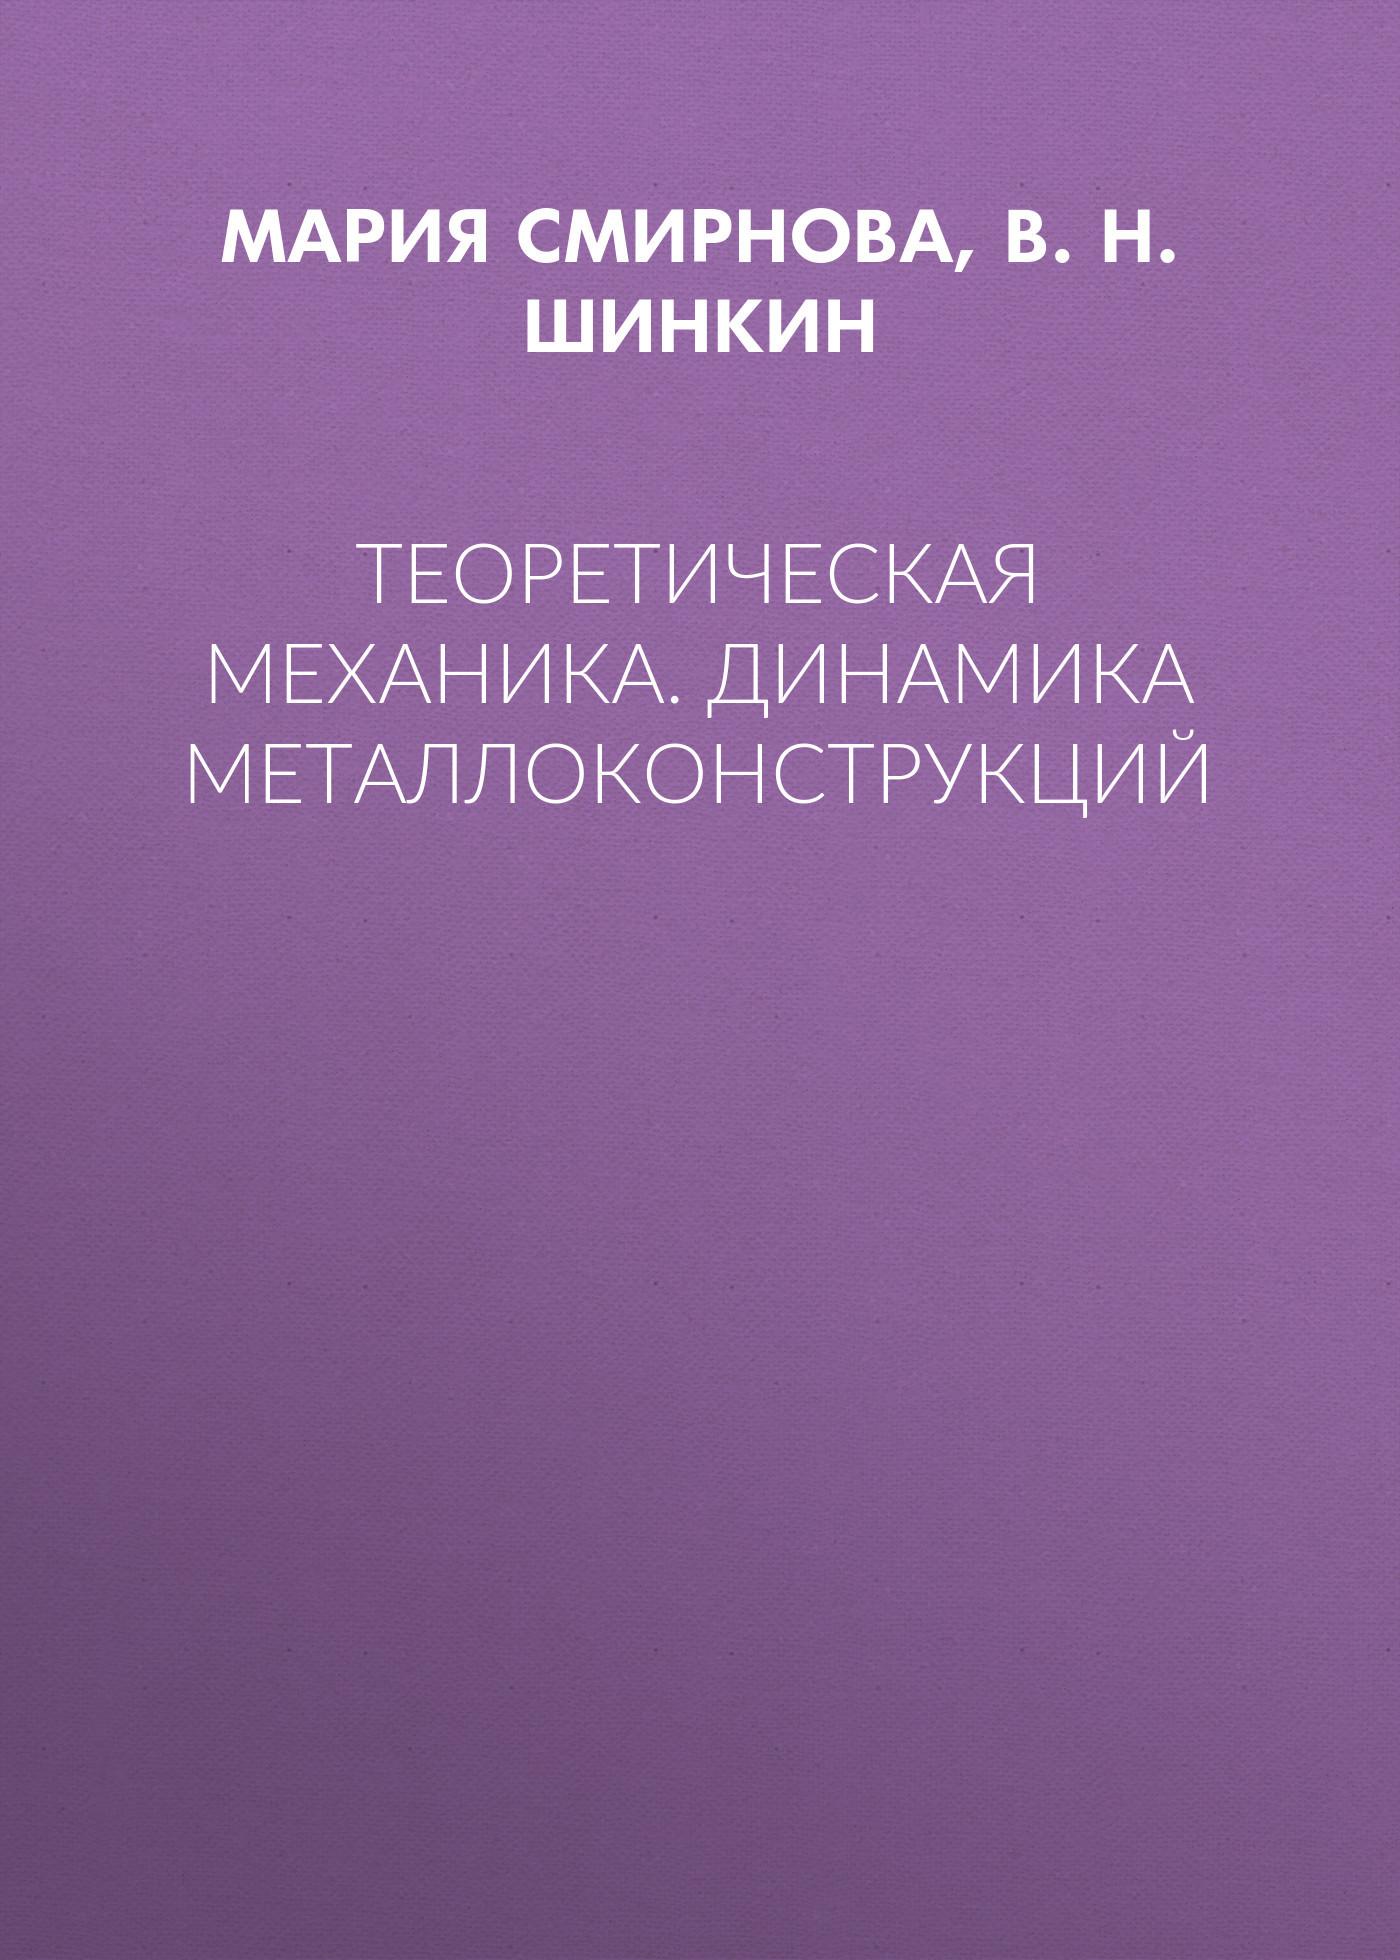 В. Н. Шинкин бесплатно